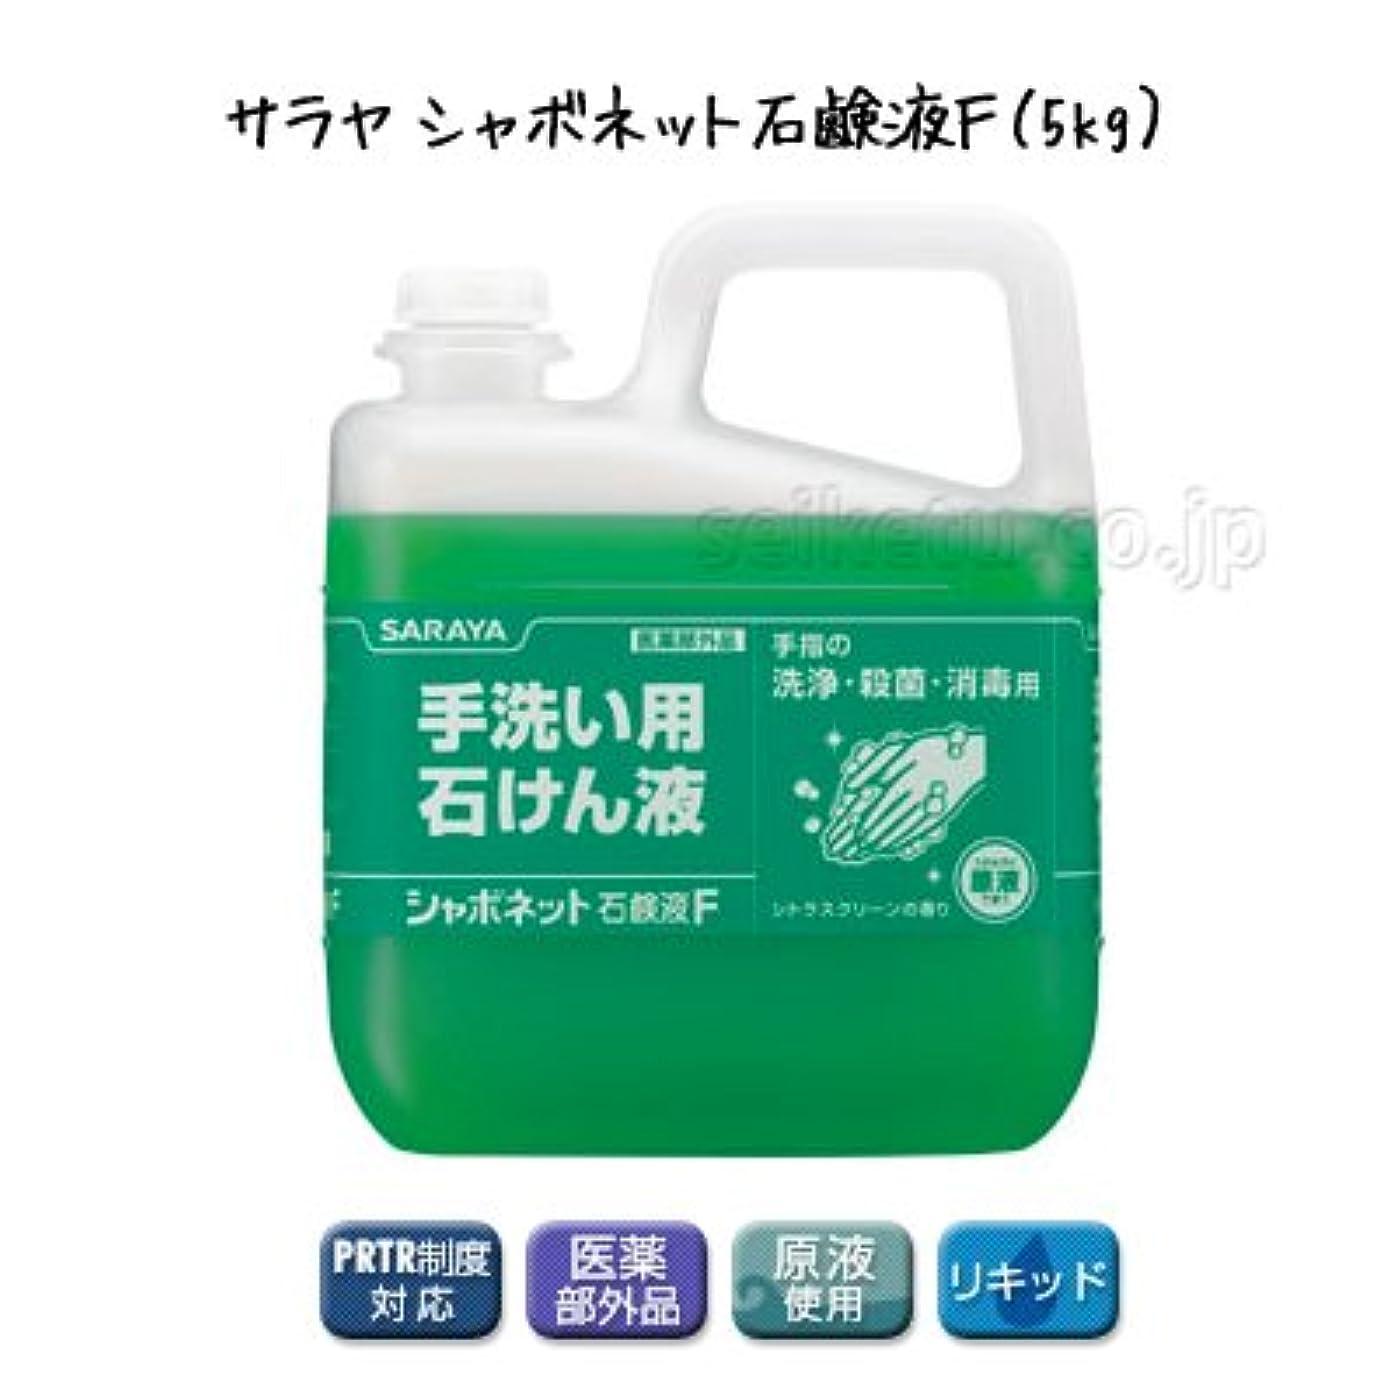 前部浸漬パステル【清潔キレイ館】サラヤ シャボネット石鹸液F(5kg)